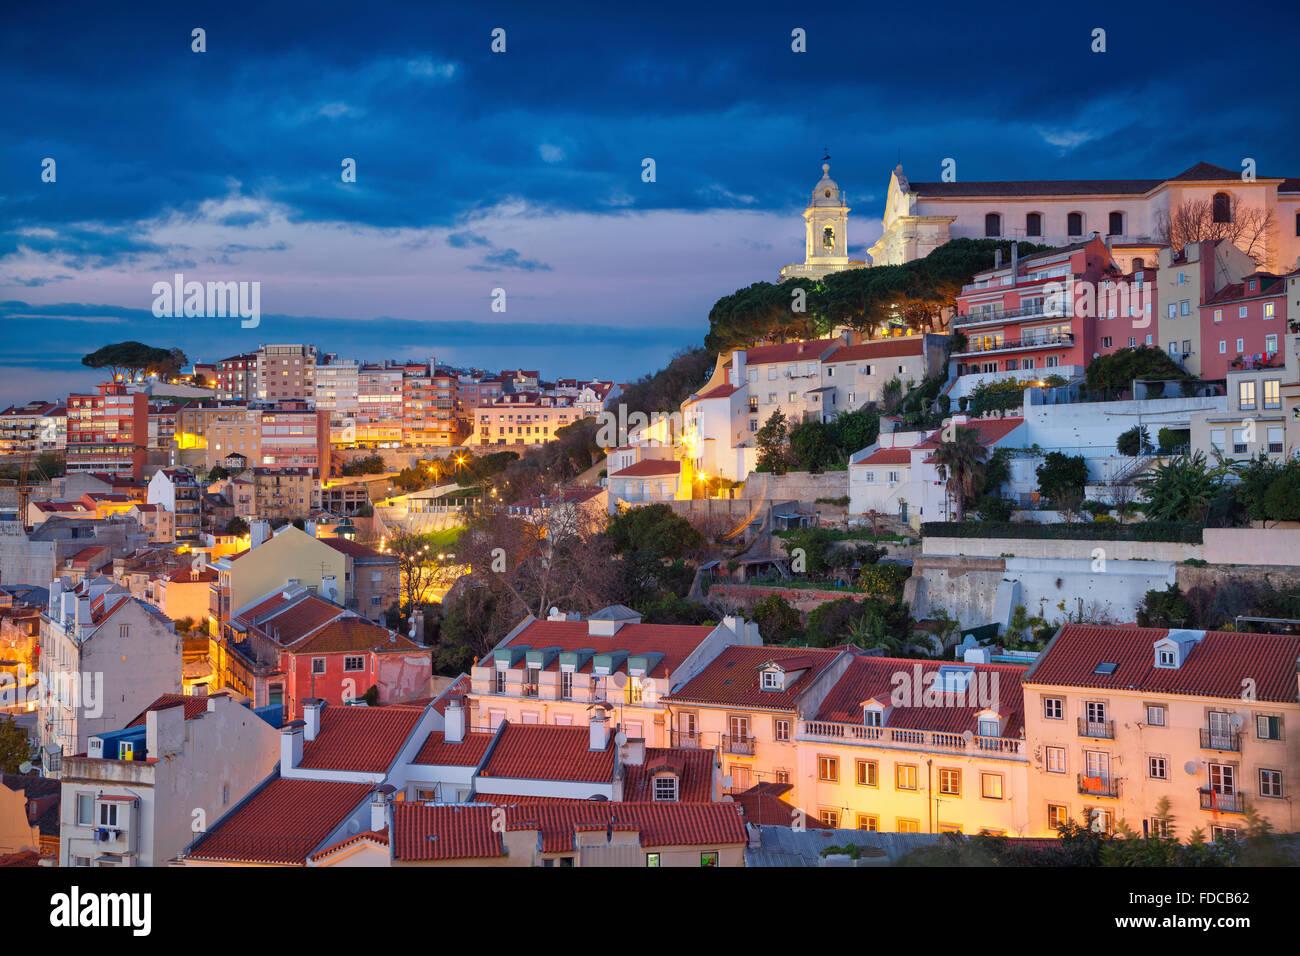 Lissabon. Bild von Lissabon während der blauen Dämmerstunde. Stockbild